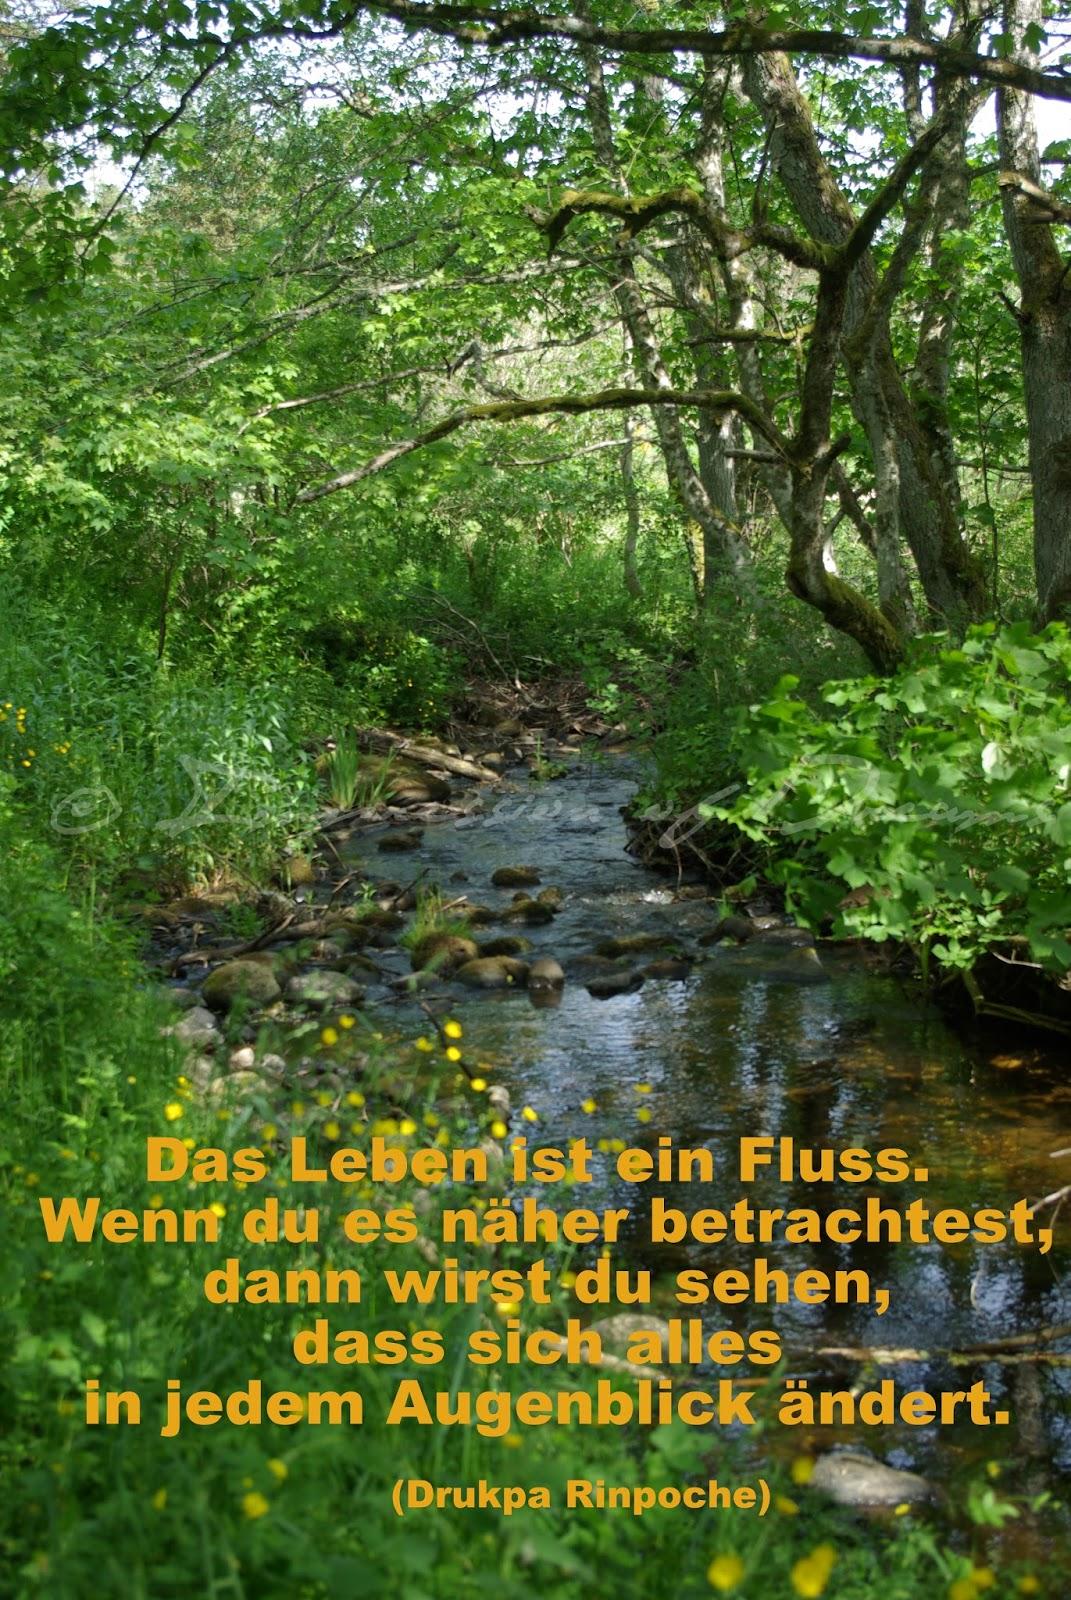 Das Leben ist ein Fluss. Wenn du es näher betrachtest, dann wirst du sehen, dass sich alles in jedem Augenblick ändert.